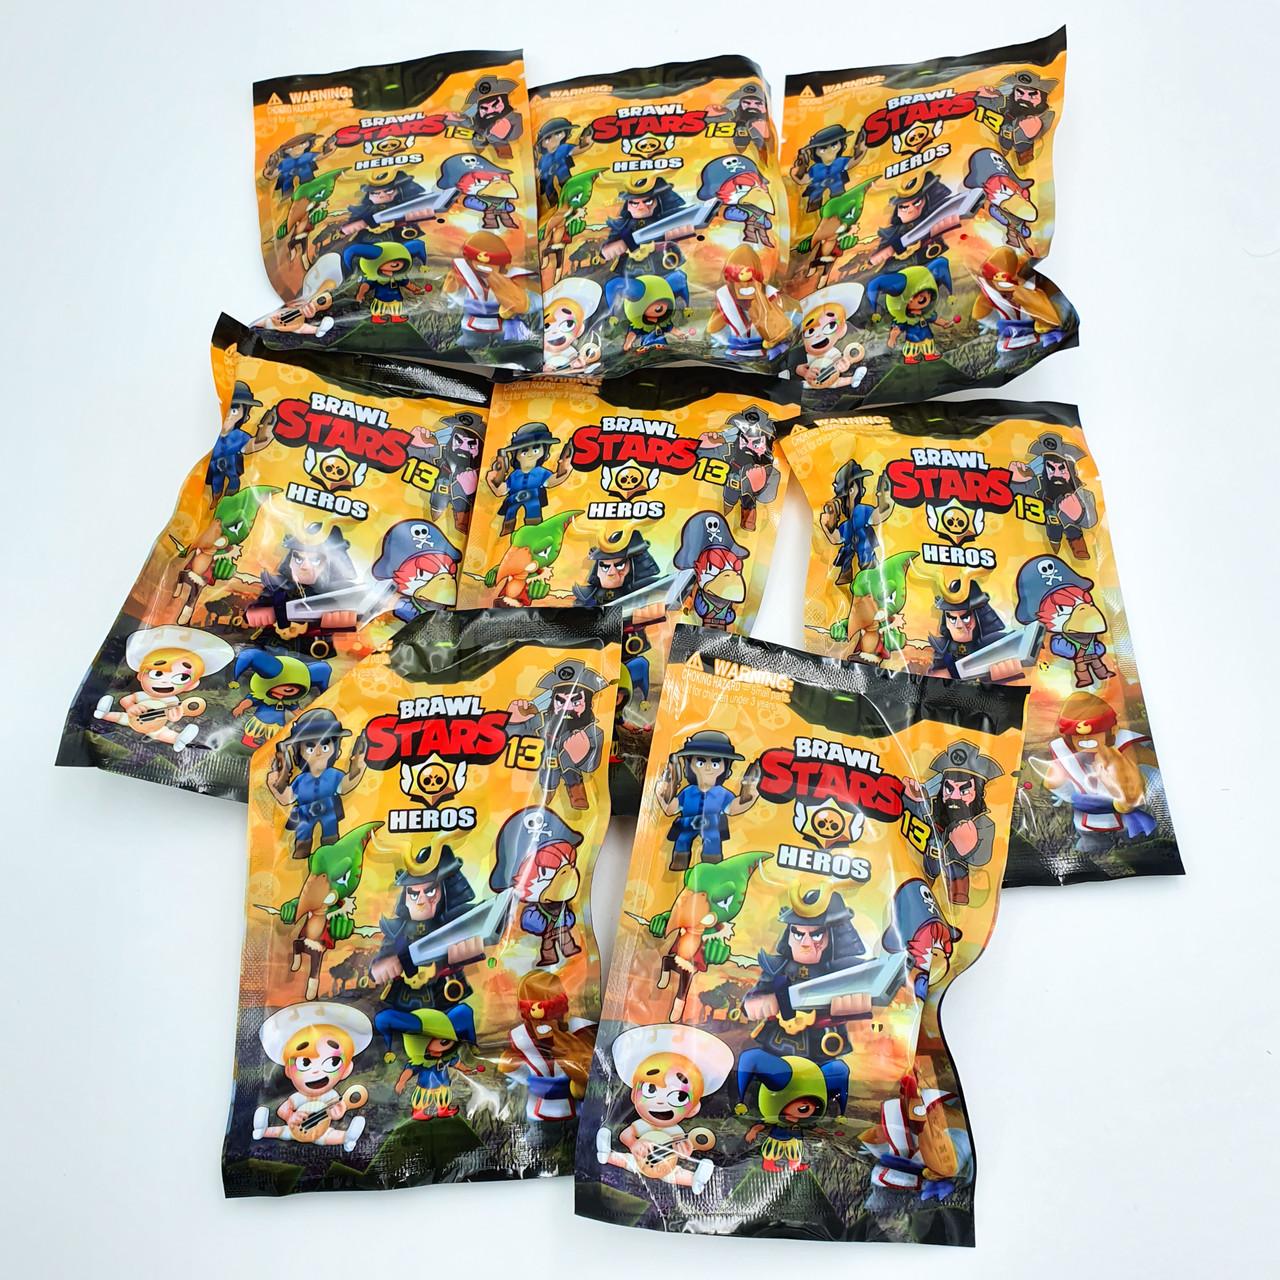 Фігурки Бравл Старс ігрова карта в комплекті з фігуркою 7 см 8 героїв Brawl stars Heros 13